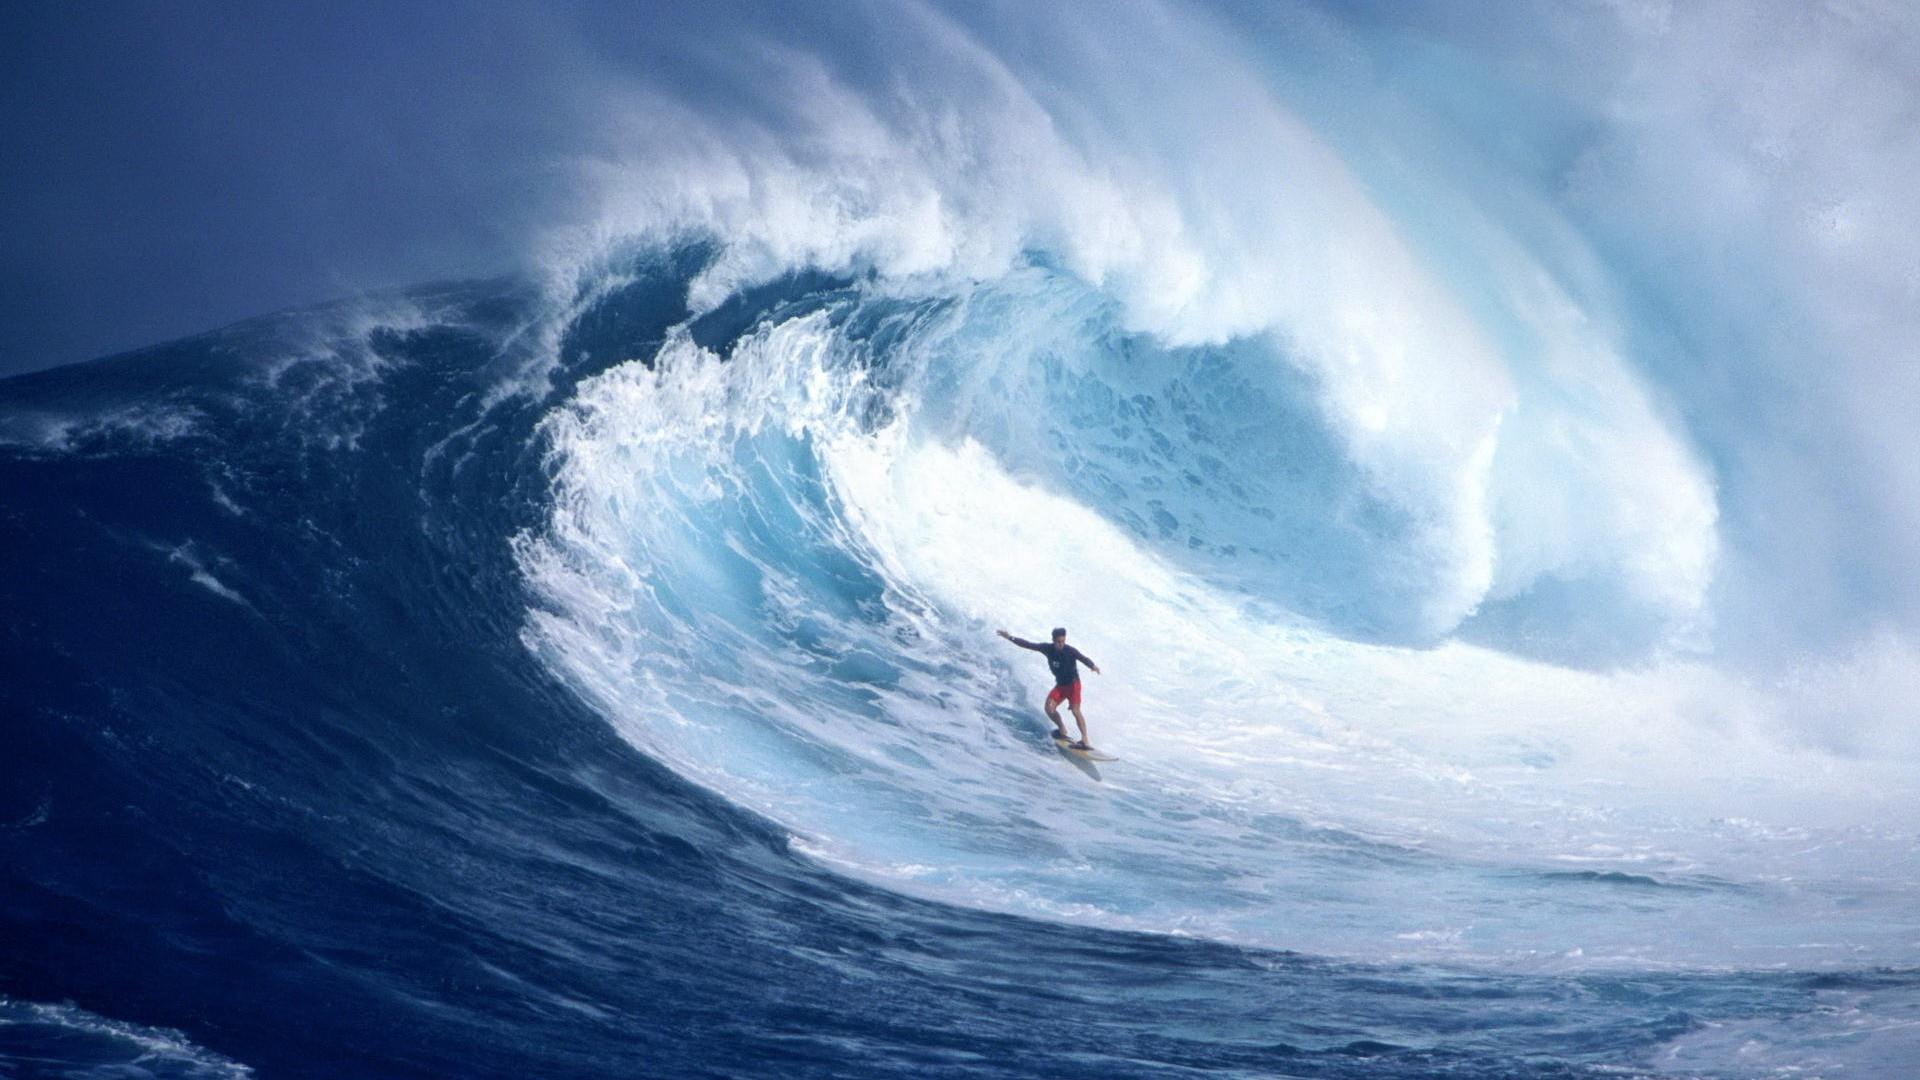 Surf Wallpaper Hd 637761 1920x1080